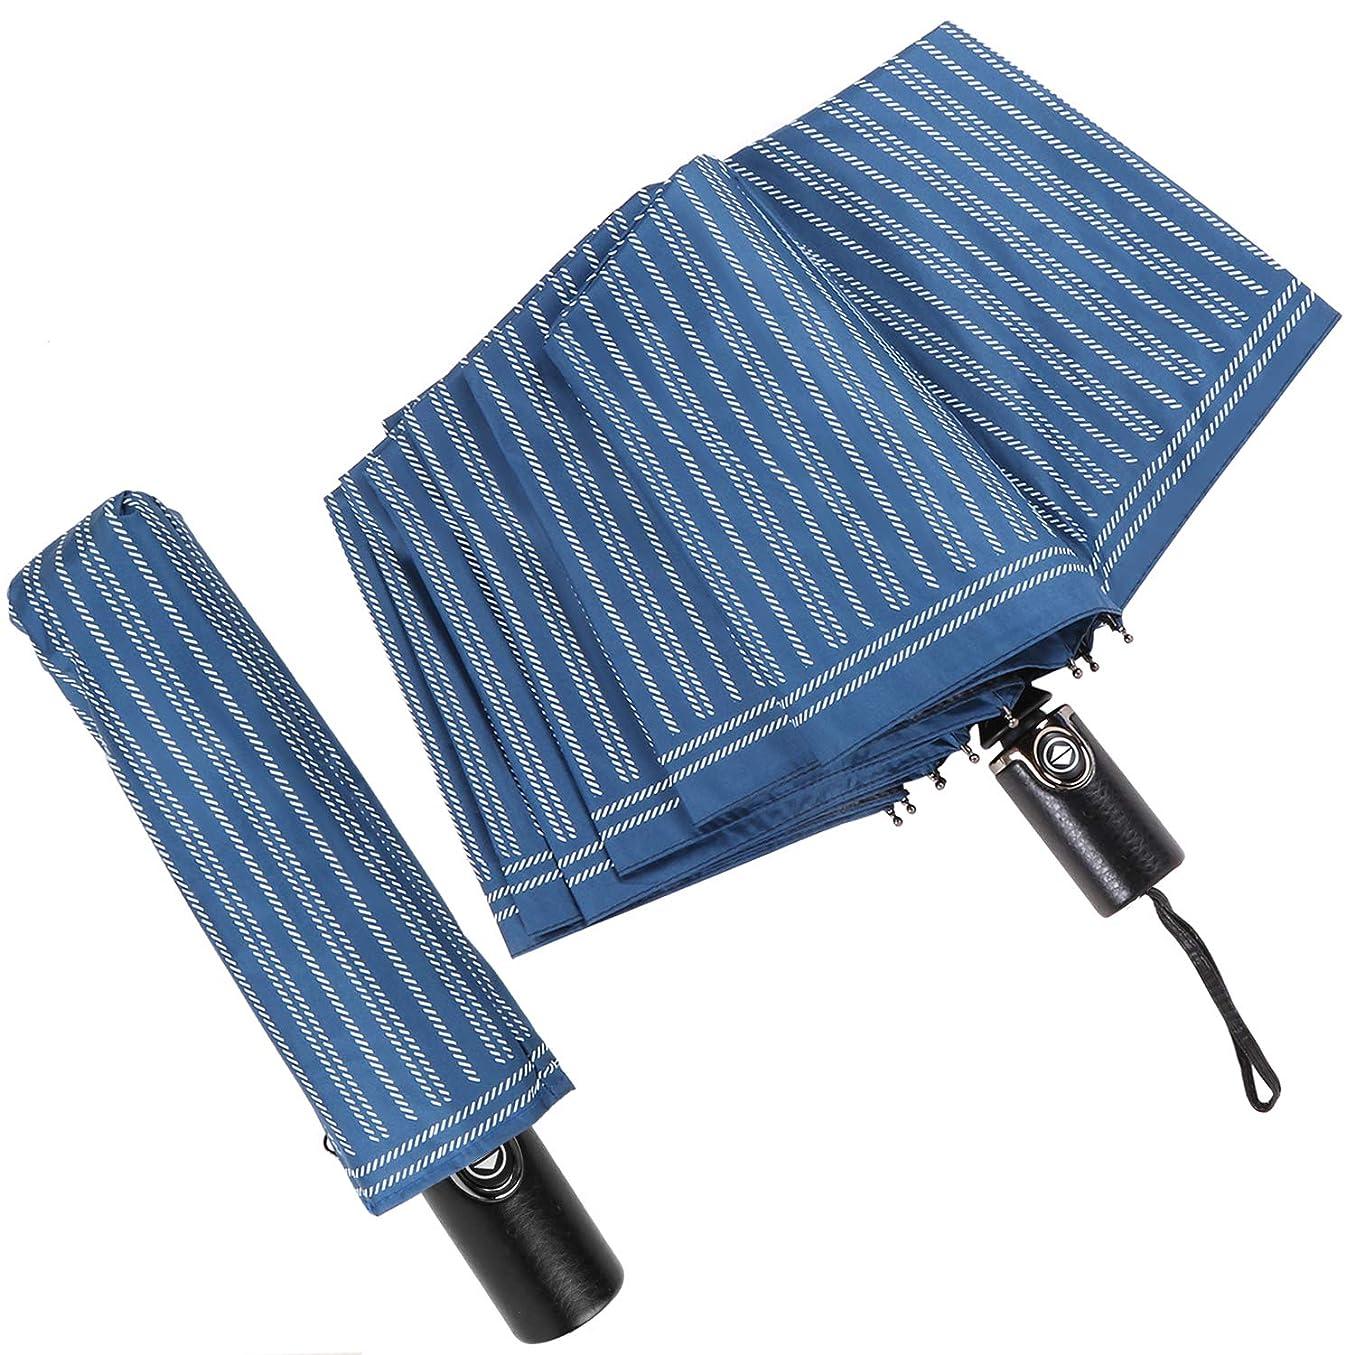 ピアパリティやがてSeavish 折りたたみ傘 ワンタッチ 自動開閉 10本骨 大きめコンパクト 紳士用 雨傘 日傘 UPF50+ 晴雨兼用 耐風 超撥水 頑丈 梅雨対策 紫外線対策 メンズ 傘カバー付き 紺色 (紺色)